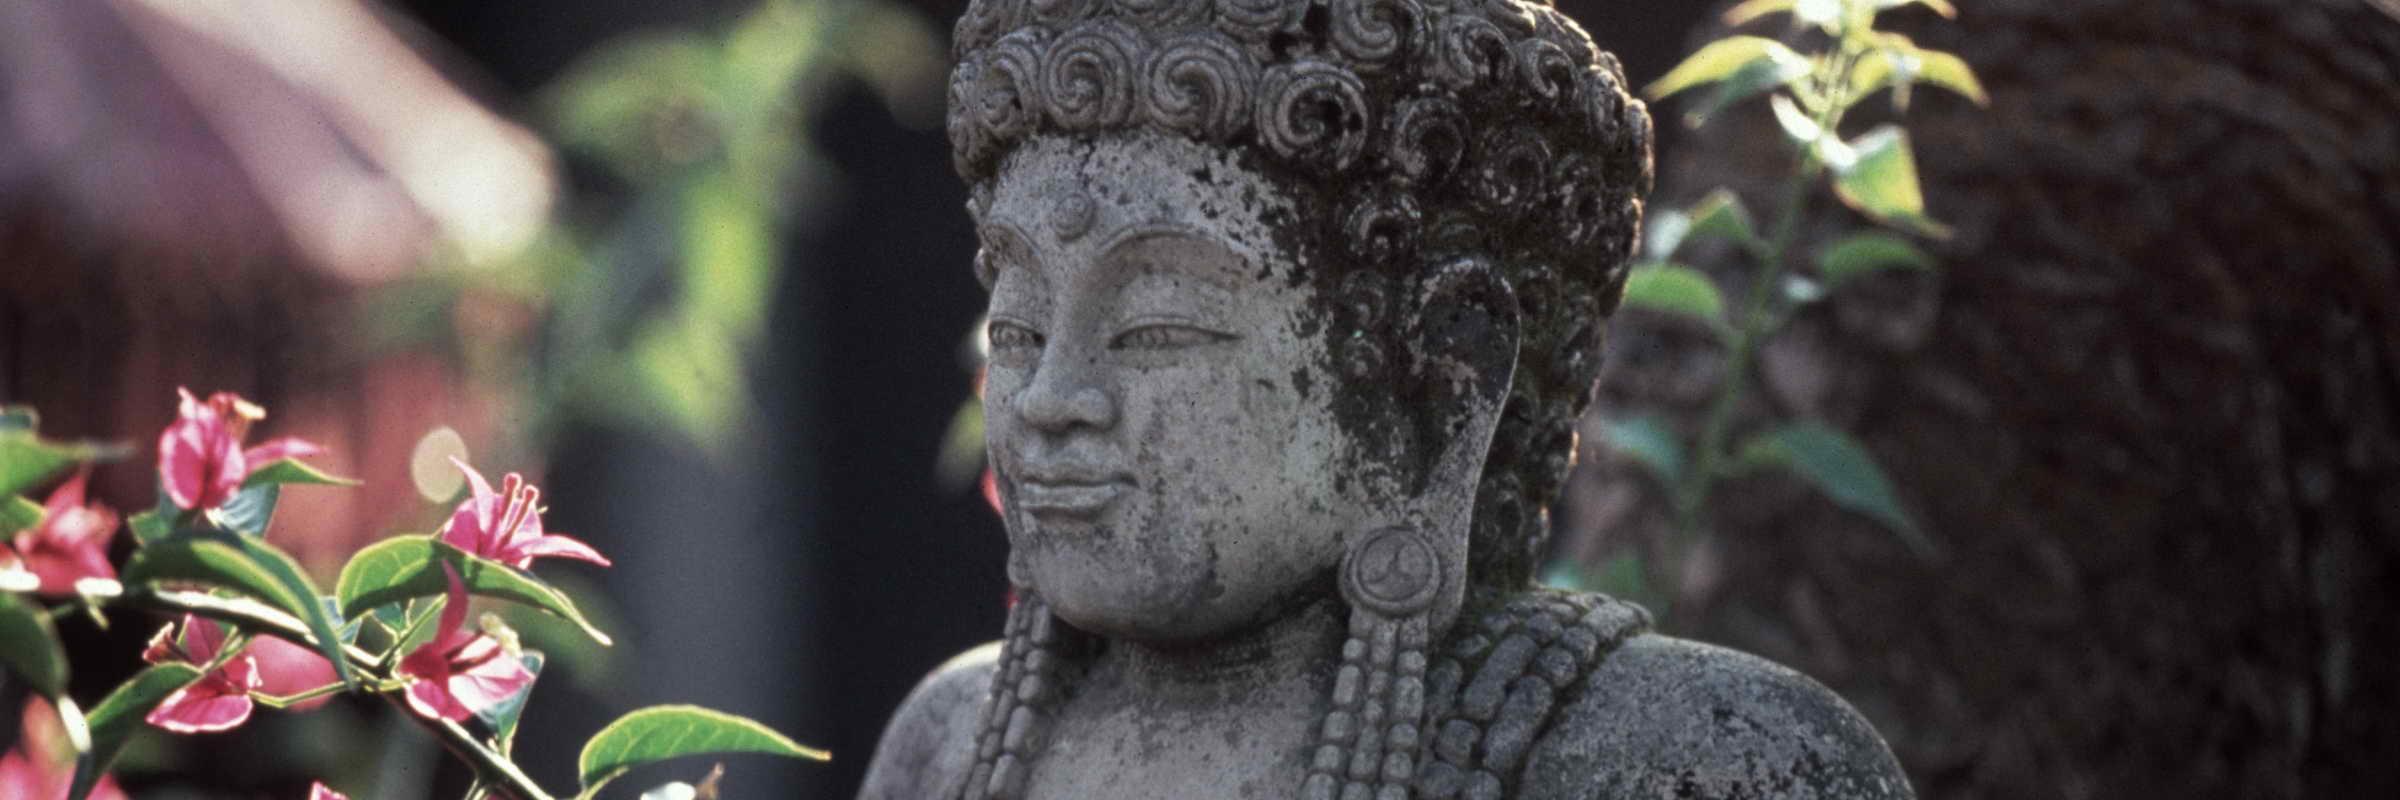 Tempelfigur auf Bali bei einer Indonesien Reise